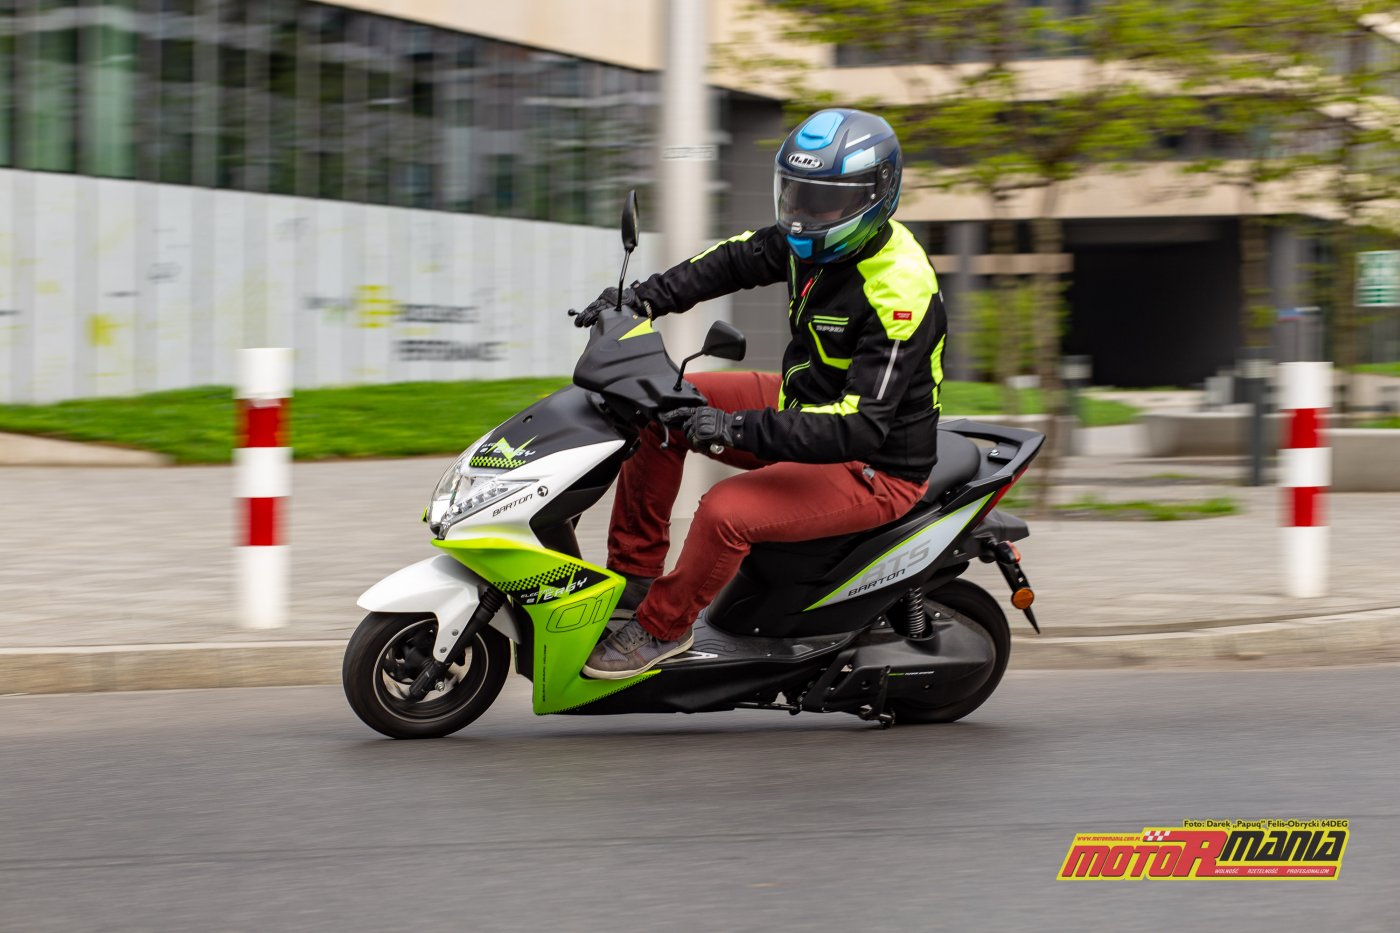 Barton Eko Energy - test MotoRmania - fot Darek Papug Felis-Obrycki (6)